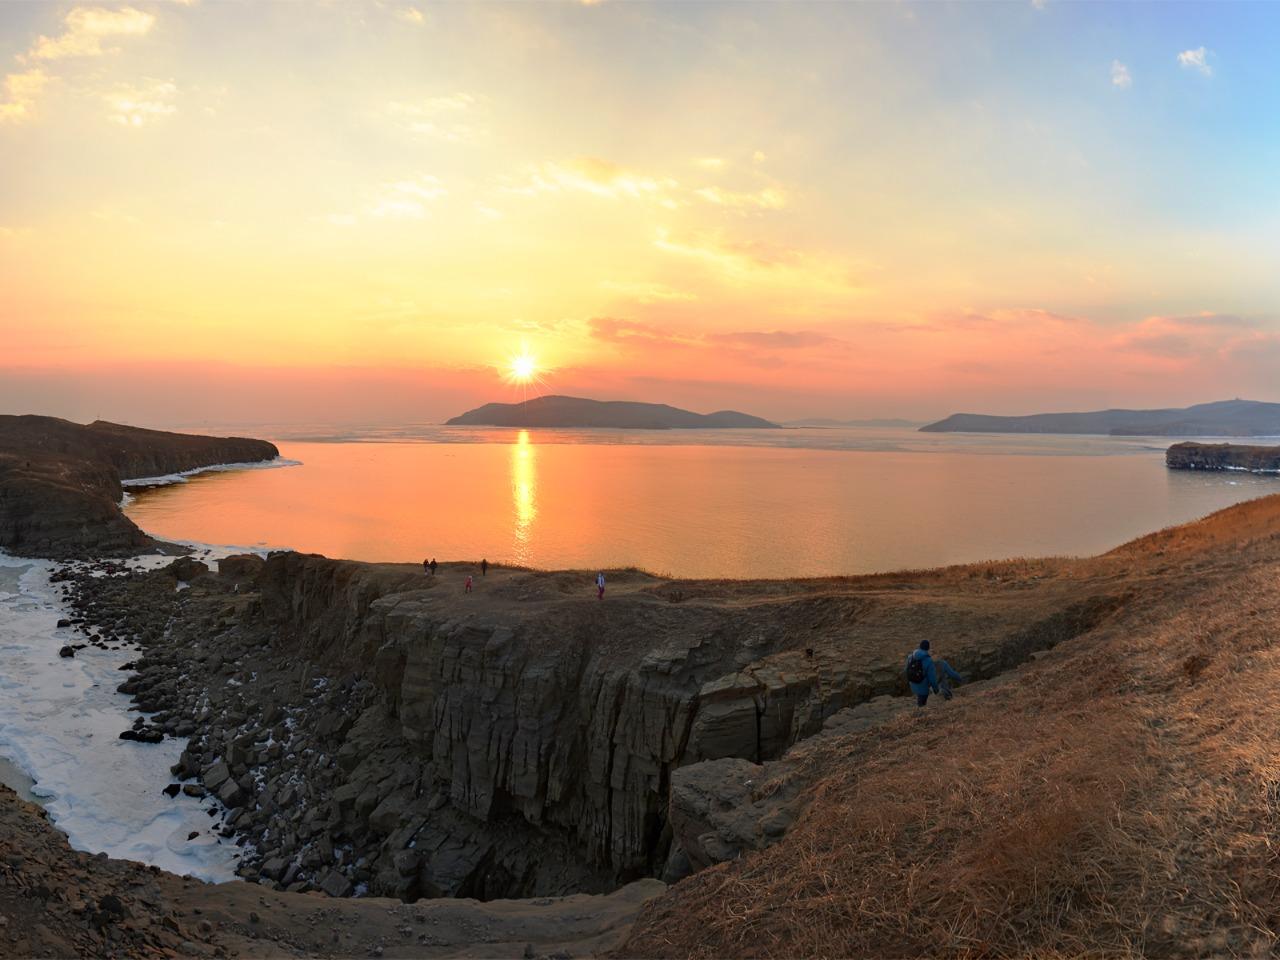 Остров Русский с посещением дикого пляжа - индивидуальная экскурсия по Владивостоку от опытного гида